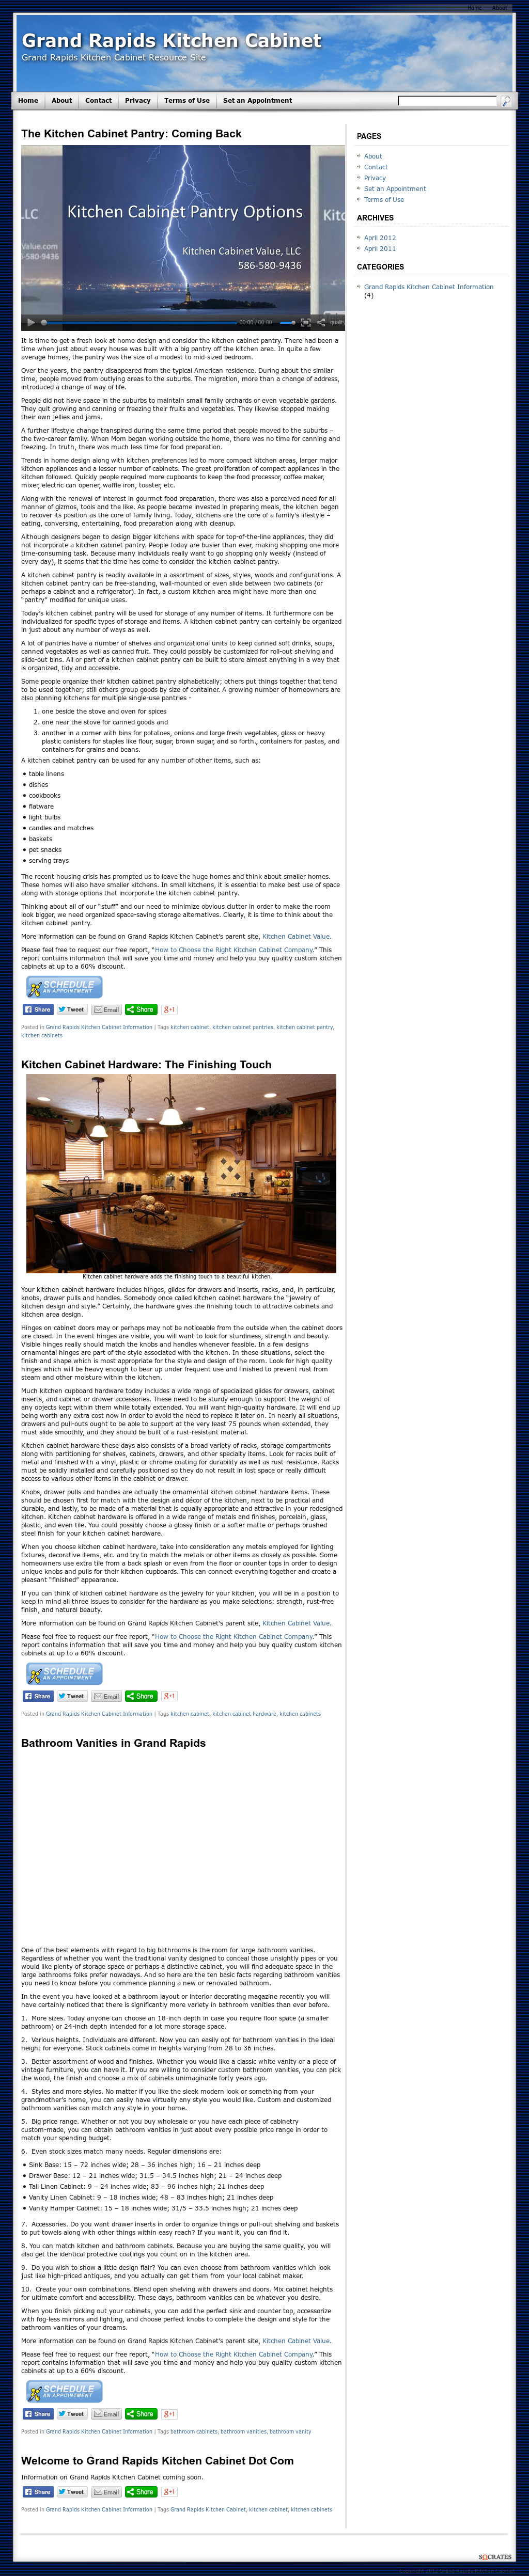 Grand Rapids Kitchen Cabinet Competitors, Revenue and